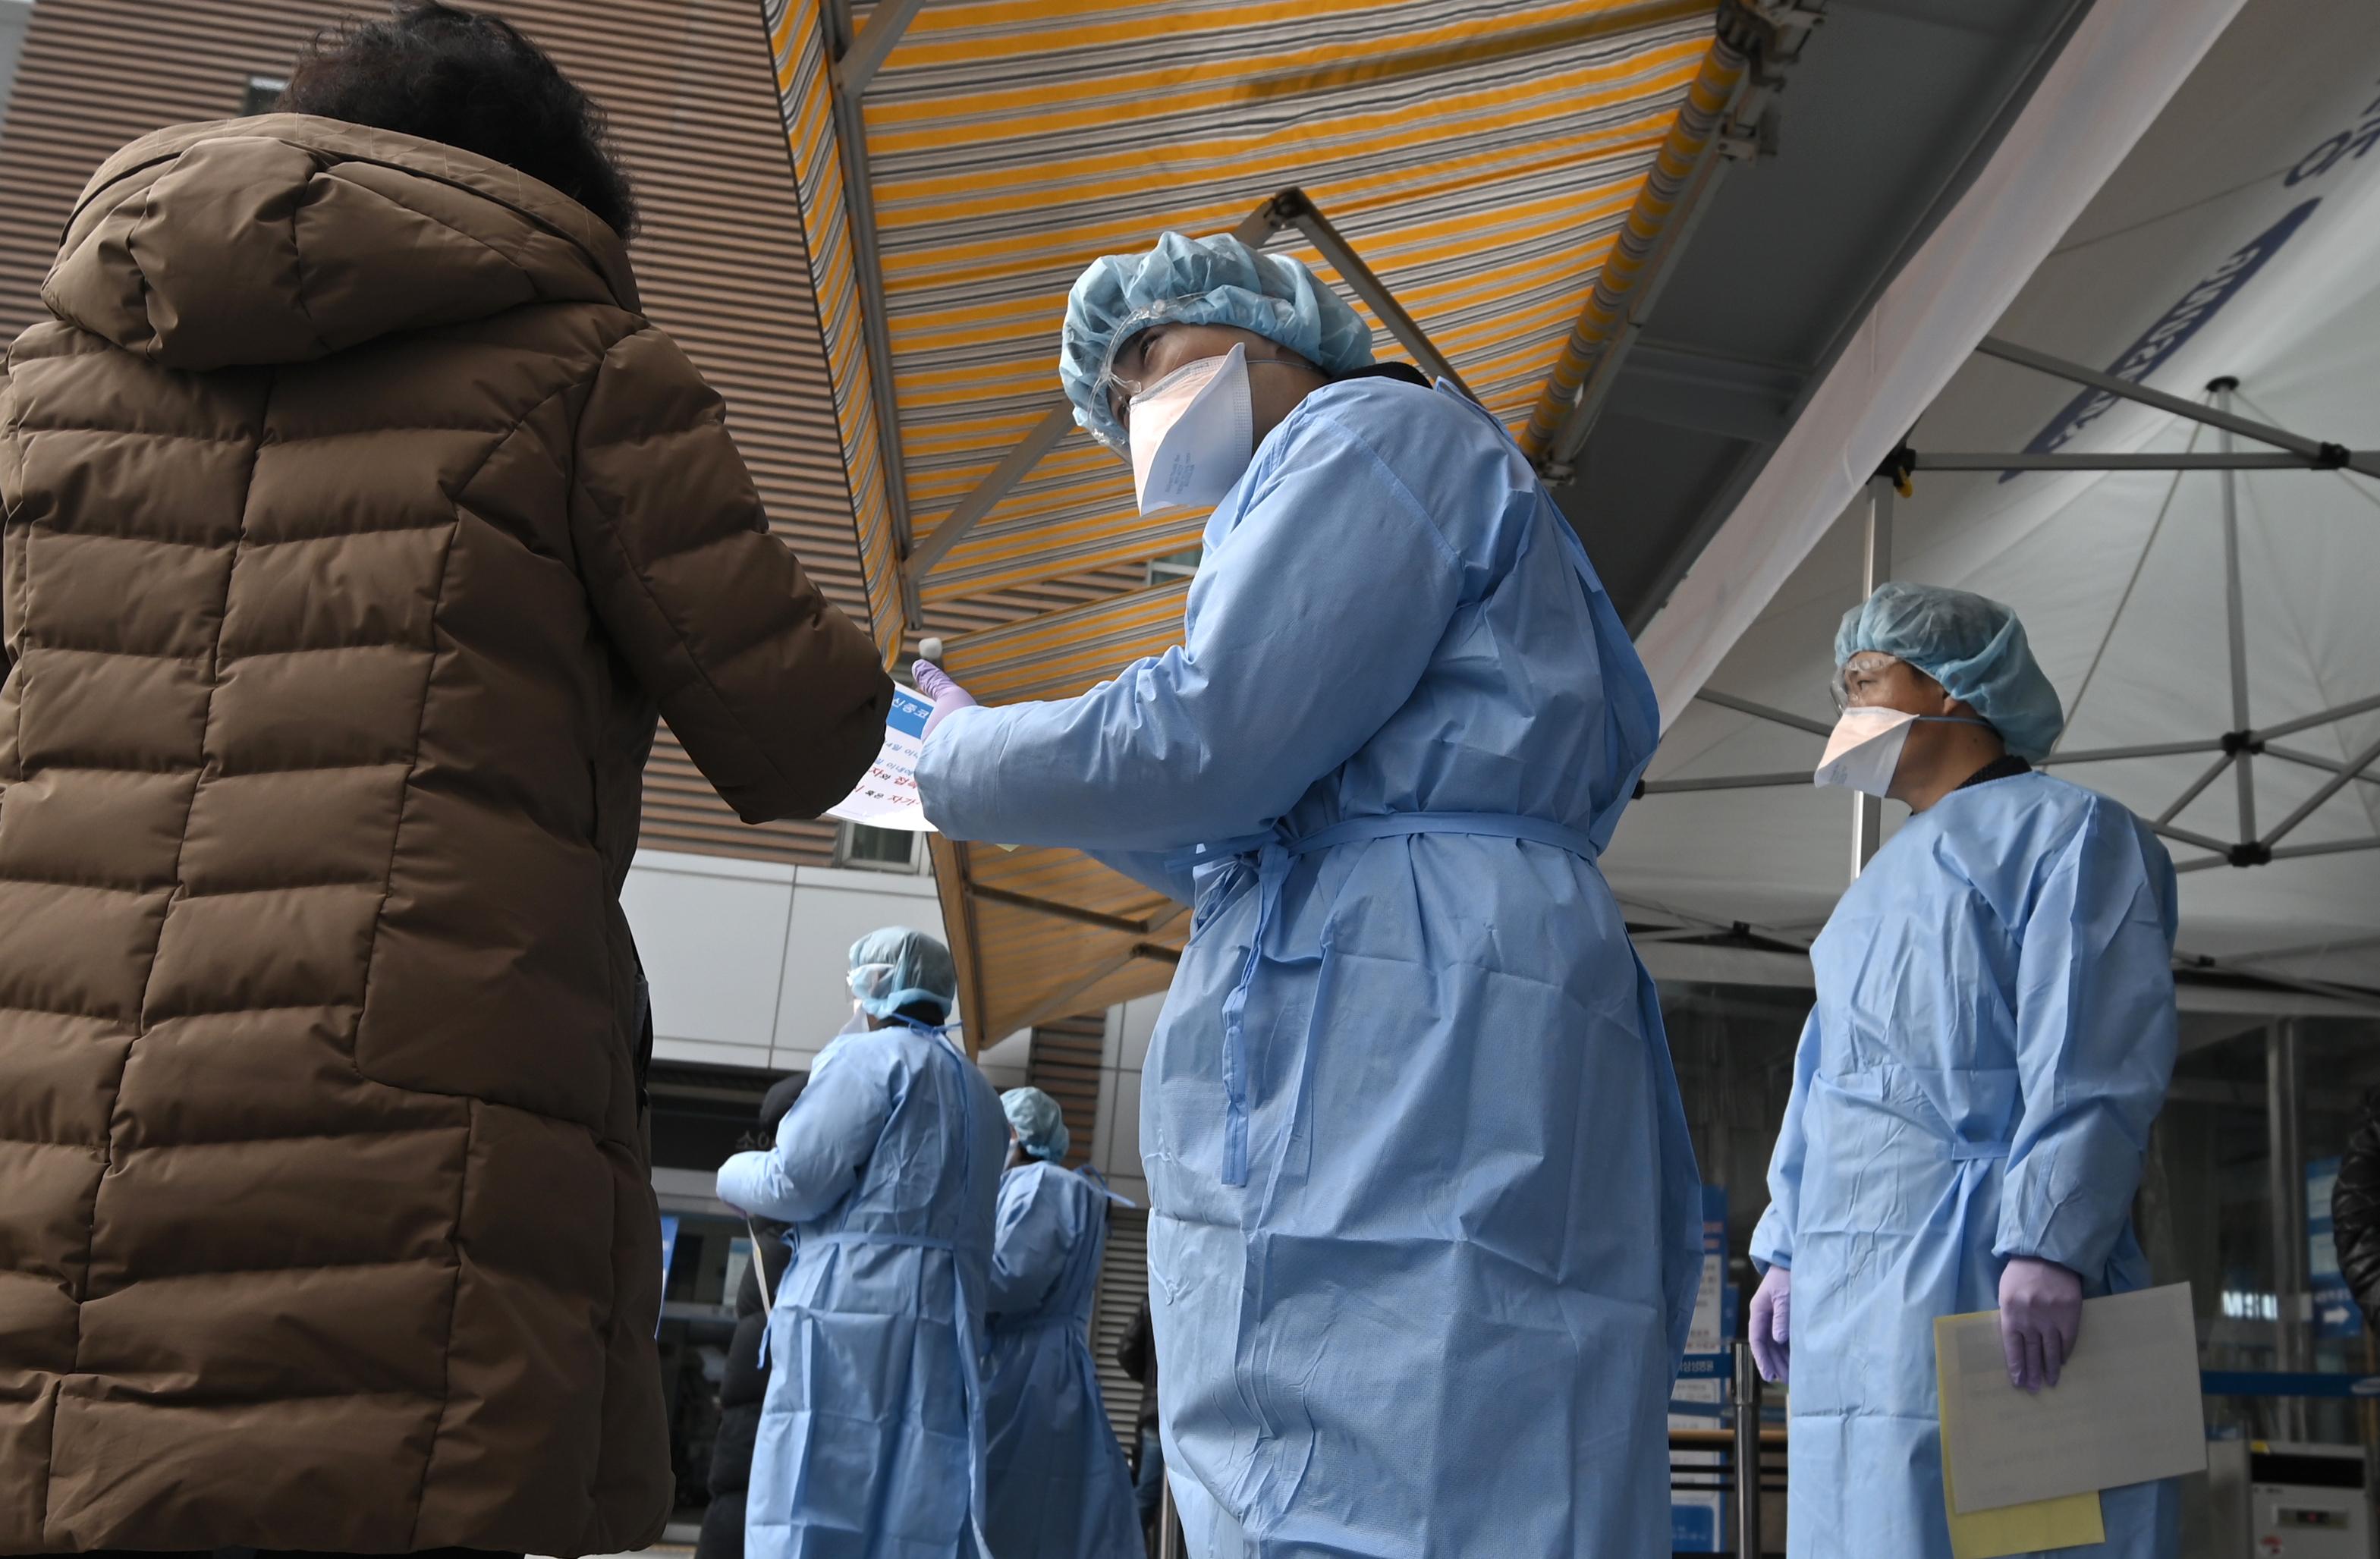 【冠状病毒19】韩国一医院爆发集中感染 卫生部已进行调查